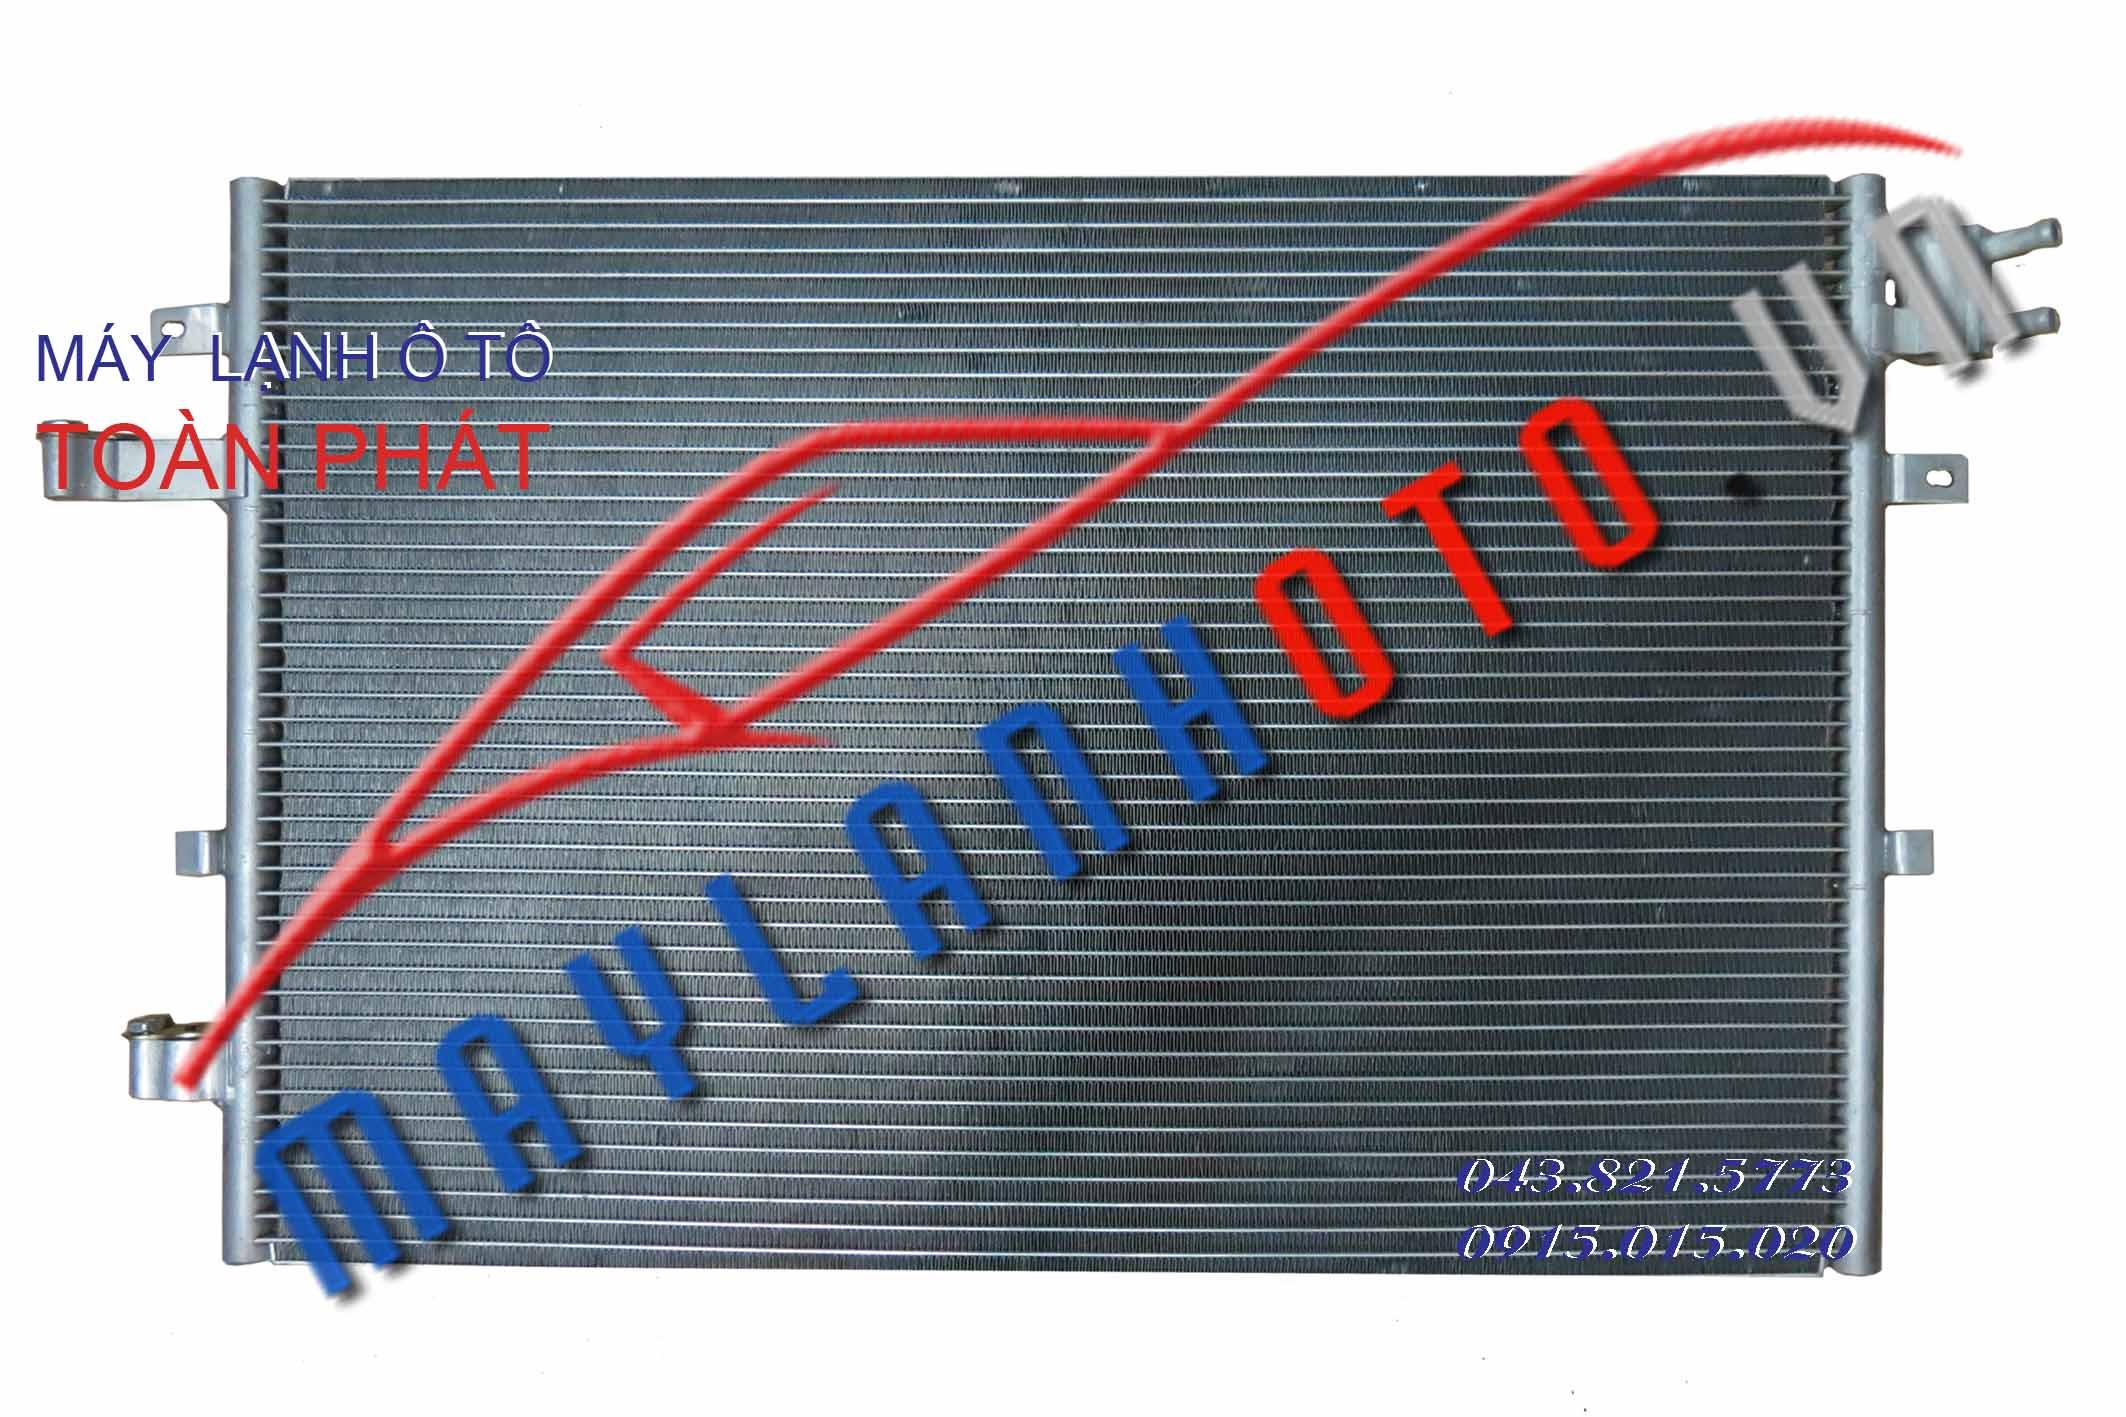 Mondeo 2.5 / Giàn nóng điều hòa Ford Mondeo 2.5 / Dàn nóng điều hòa Ford Mondeo 2.5